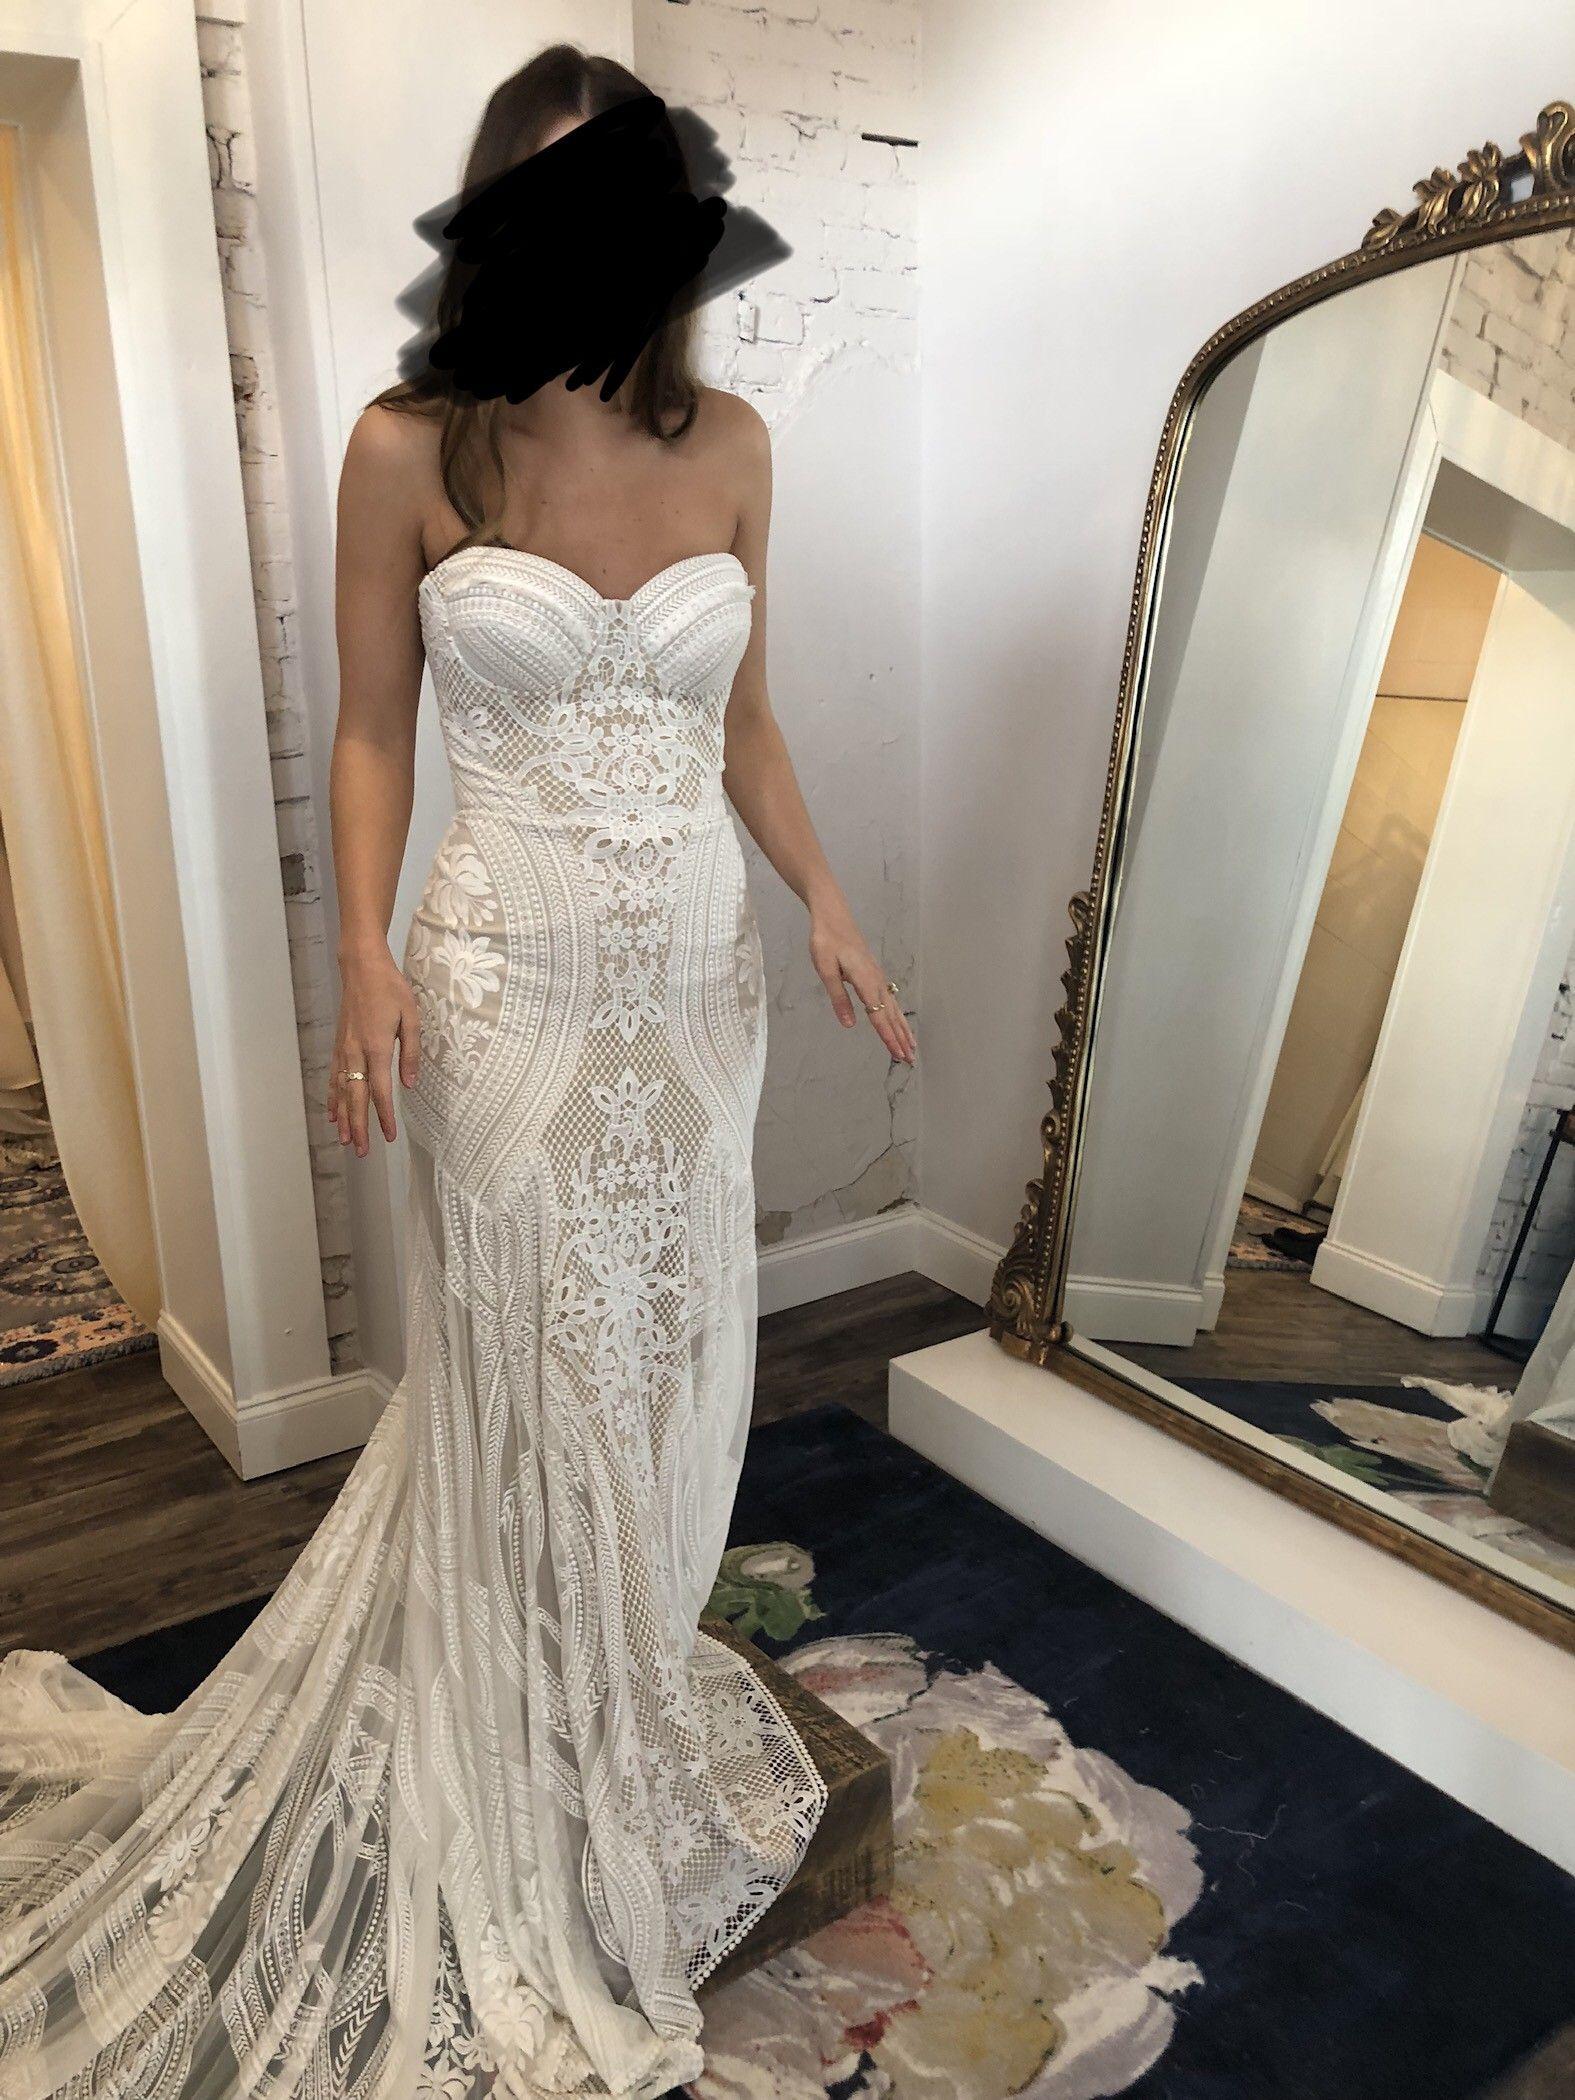 Elie Saab Satis 4 500 Size 8 Used Wedding Dresses Ruffle Wedding Dress Spagetti Strap Wedding Dress Wedding Dresses